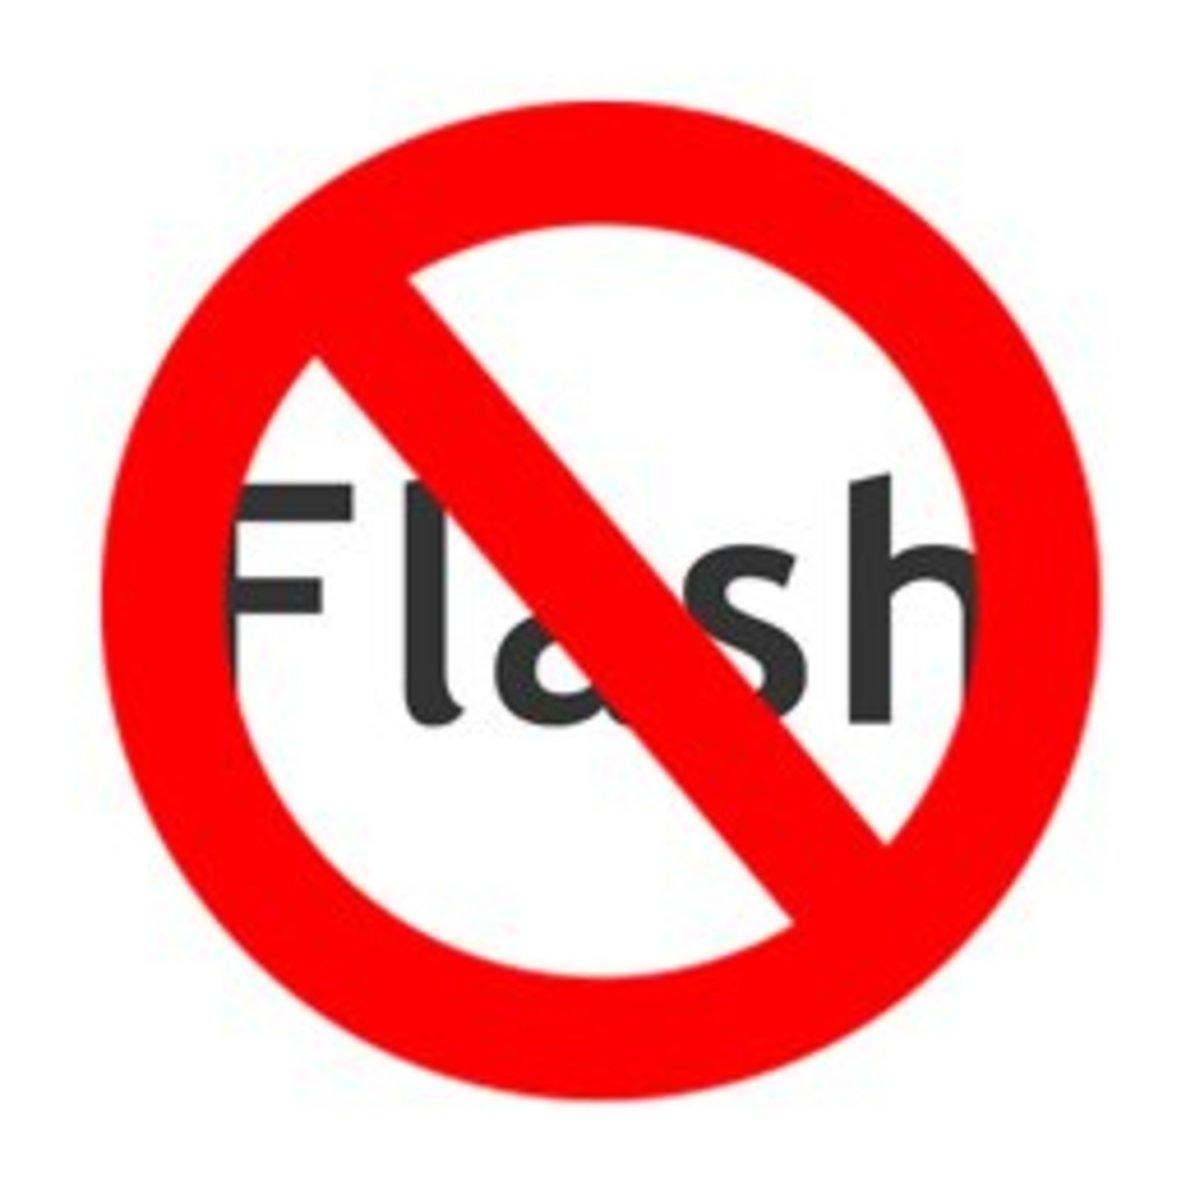 i-hate-flash-websites